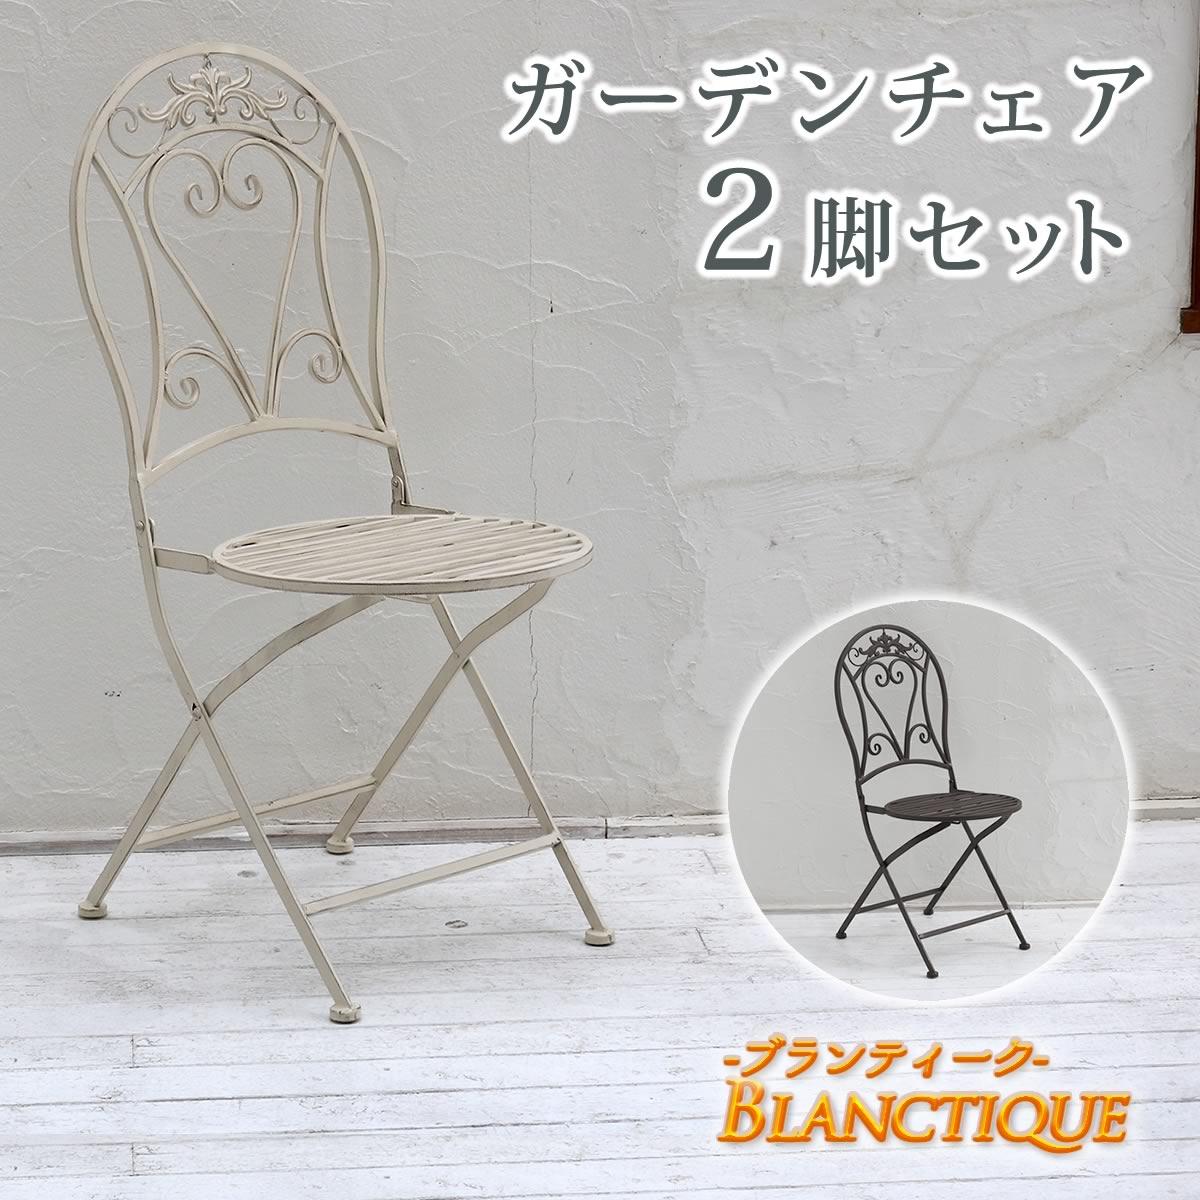 ガーデンテーブル テラス 庭 ウッドデッキ 椅子 アンティーク クラシカル イングリッシュガーデン ファニチャー シンプル 2脚セット LTI 北欧 カフェ インテリア 春の新作シューズ満載 ホワイトアイアンチェア おしゃれ ブランティーク 家具 中古 SI